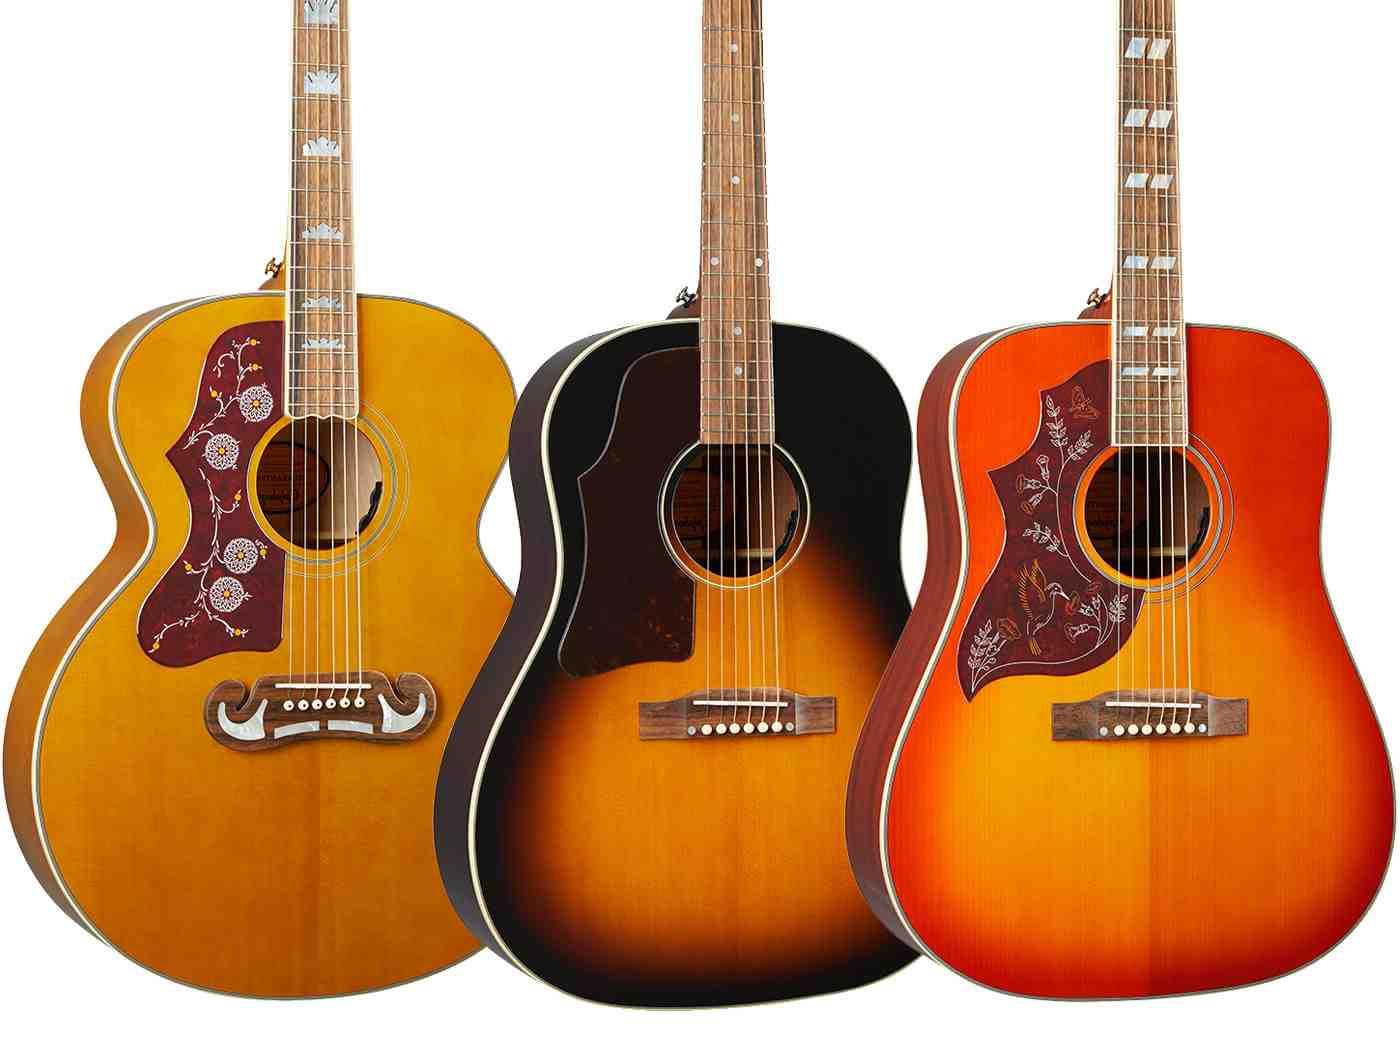 Comment accompagner un chant à la guitare ?